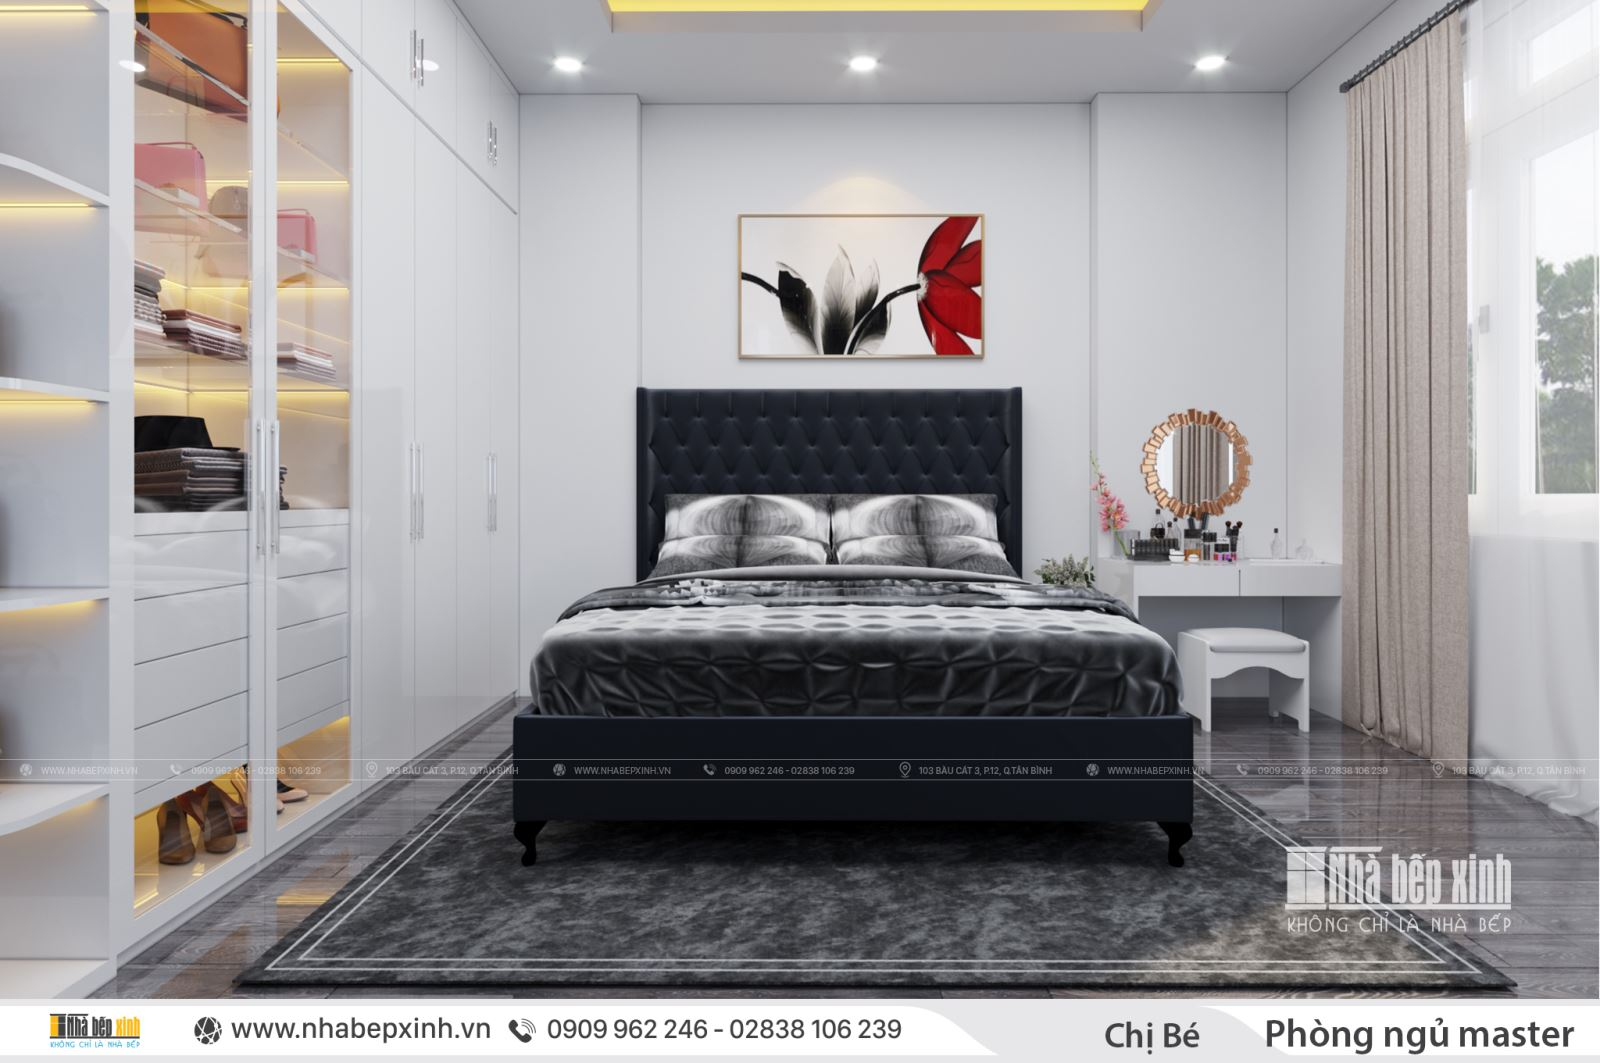 Phòng ngủ master tông màu đen huyền bí